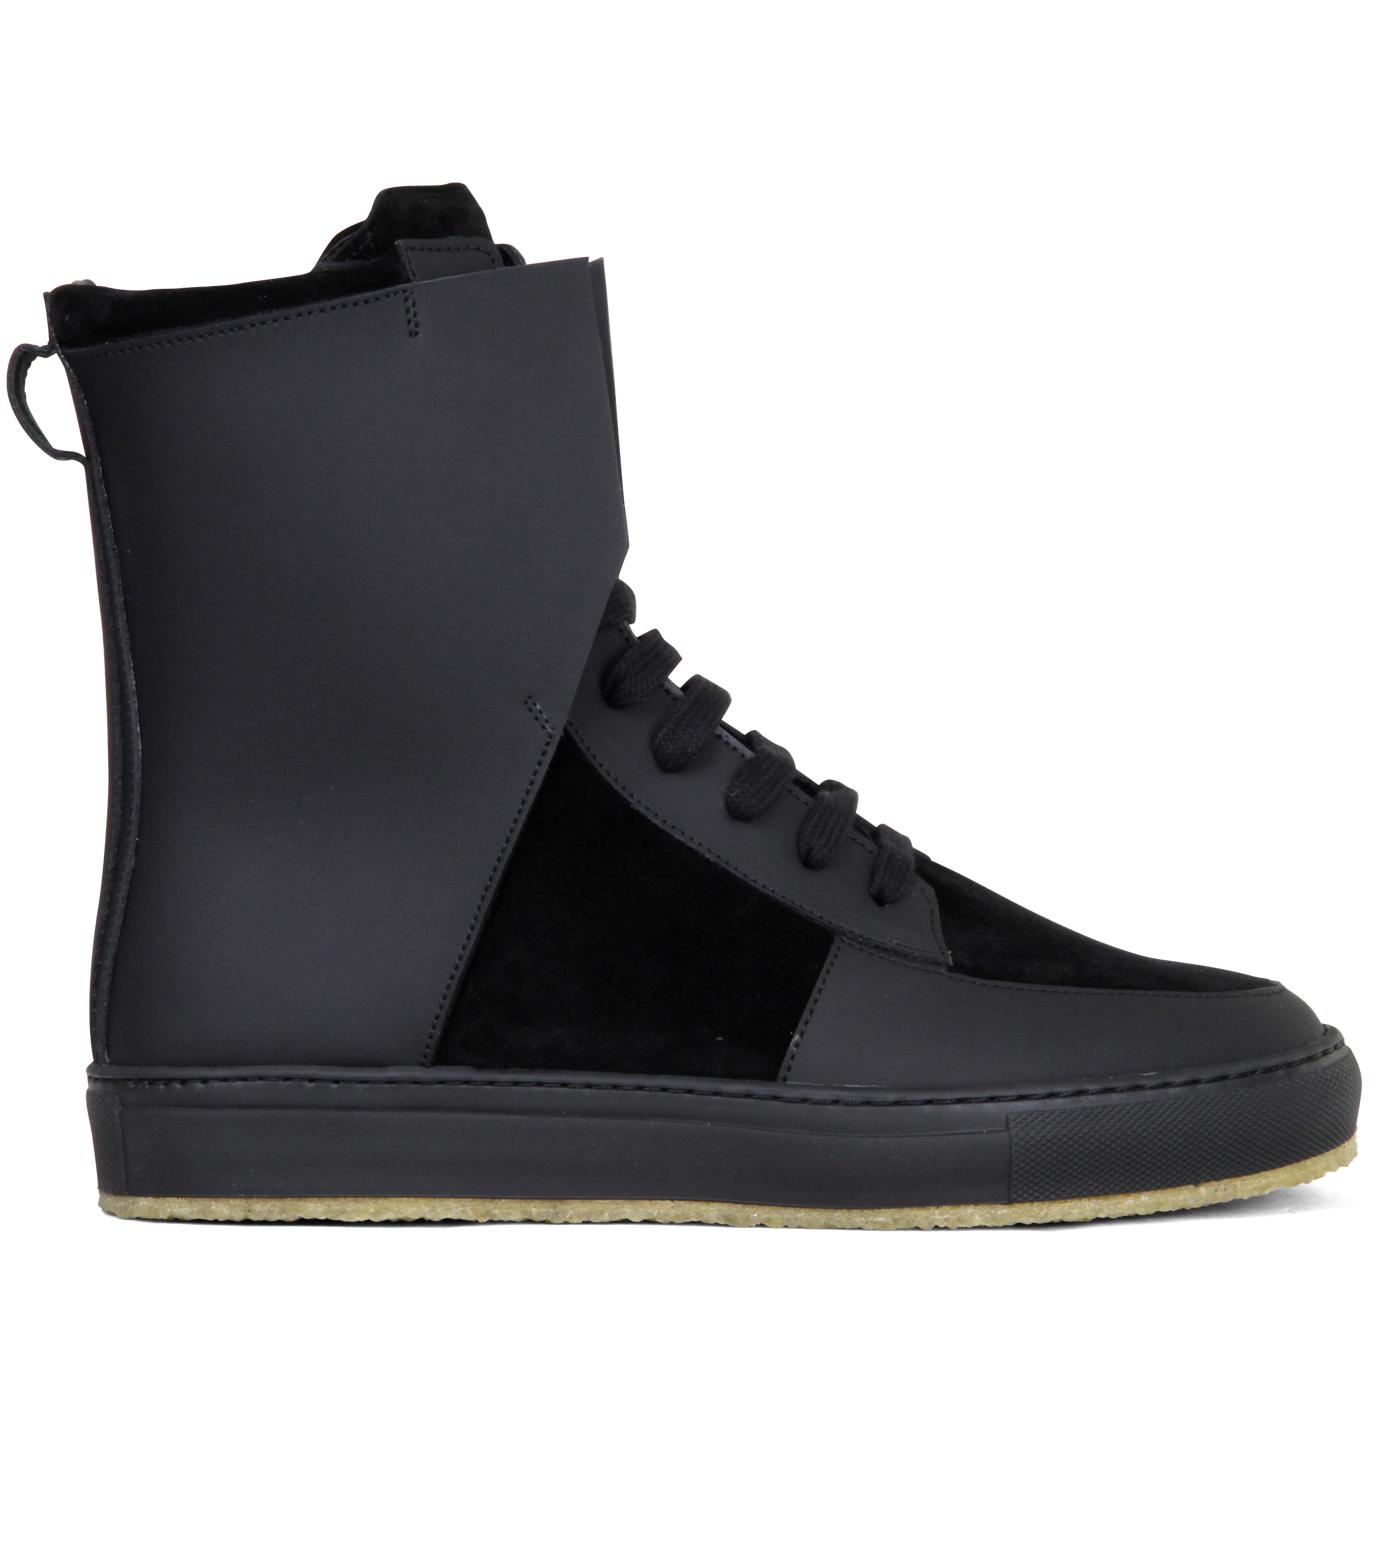 Kris Van Assche(クリスヴァンアッシュ)のLibra Black Sneaker-BLACK-K2709 拡大詳細画像1